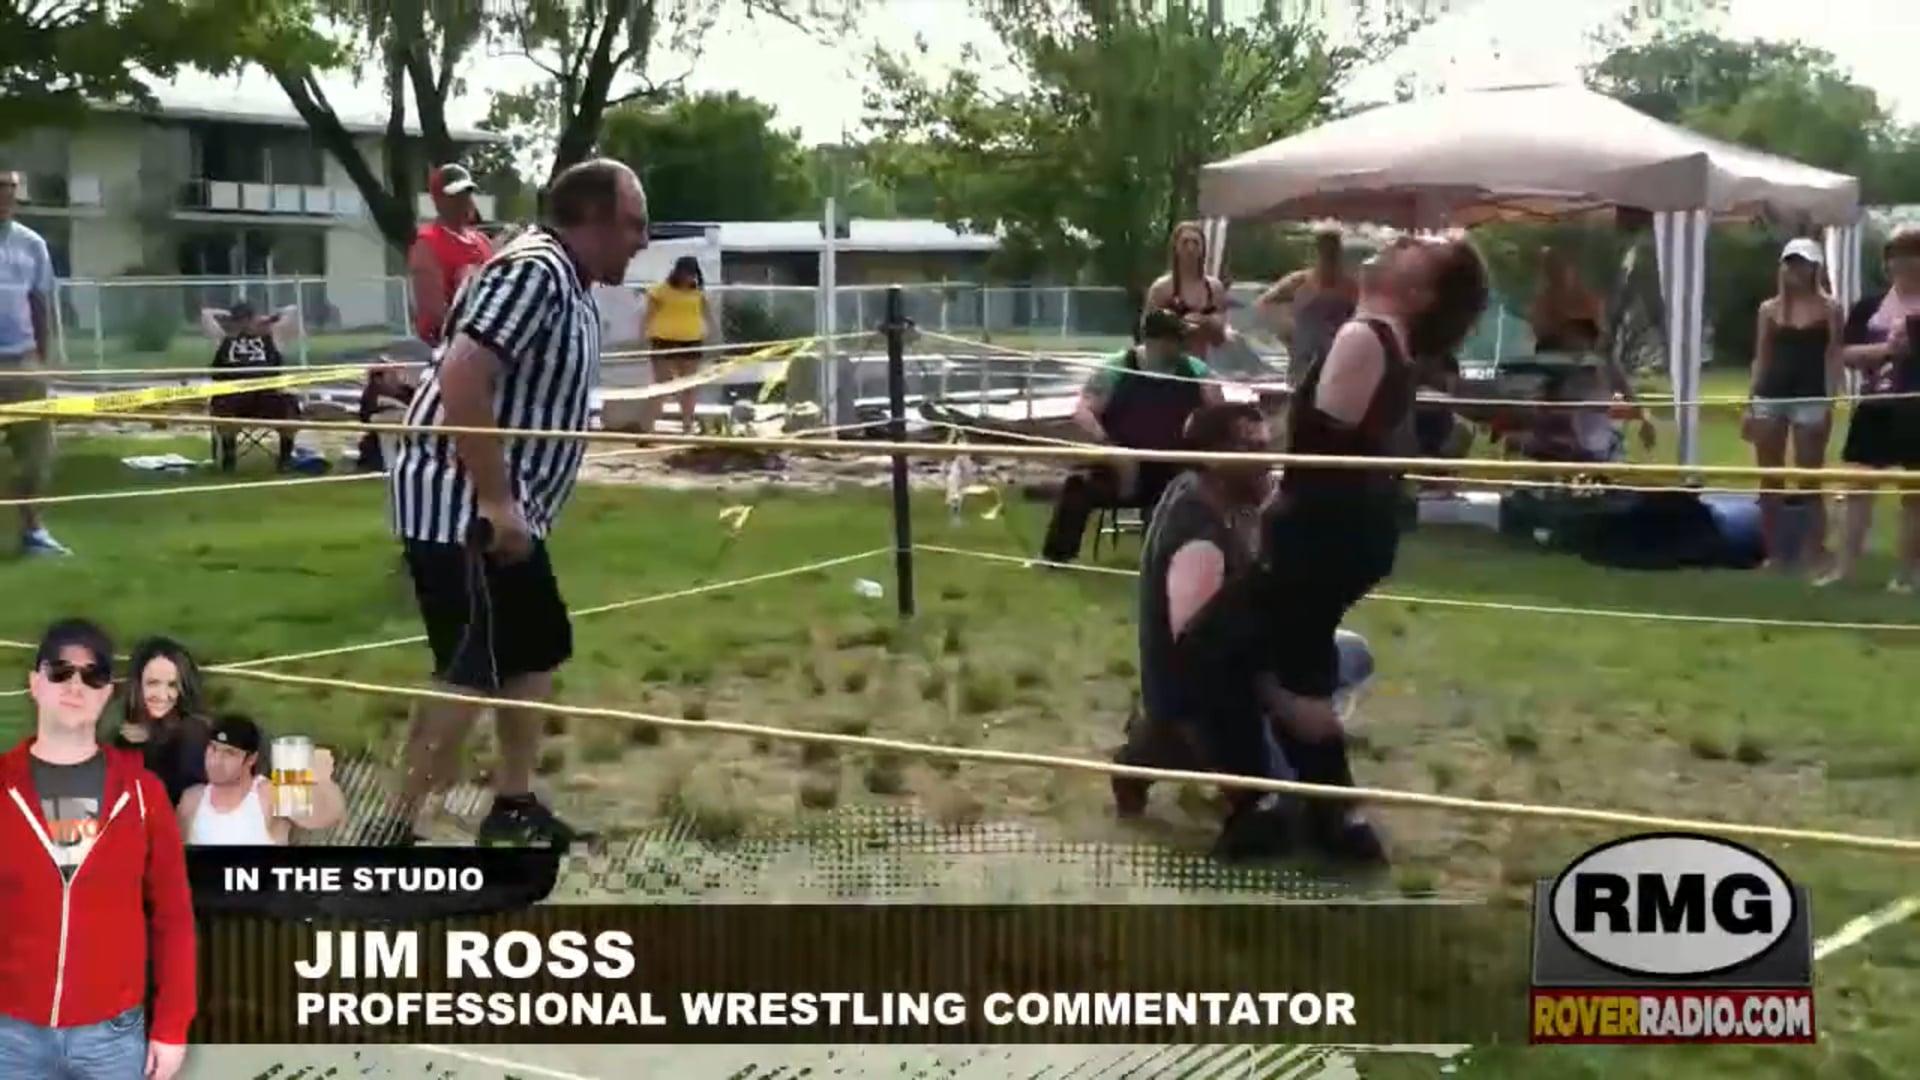 Jim Ross provides commentary for Jeffrey's backyard wrestling